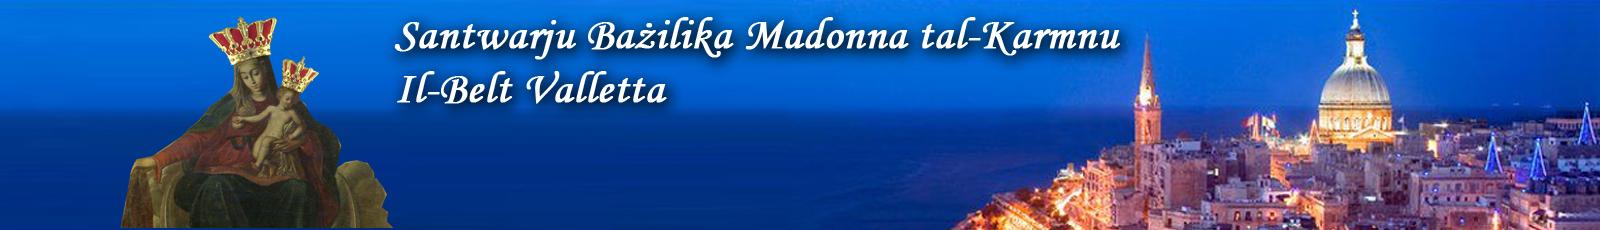 Santwarju Bażilika Madonna tal-Karmnu Valletta